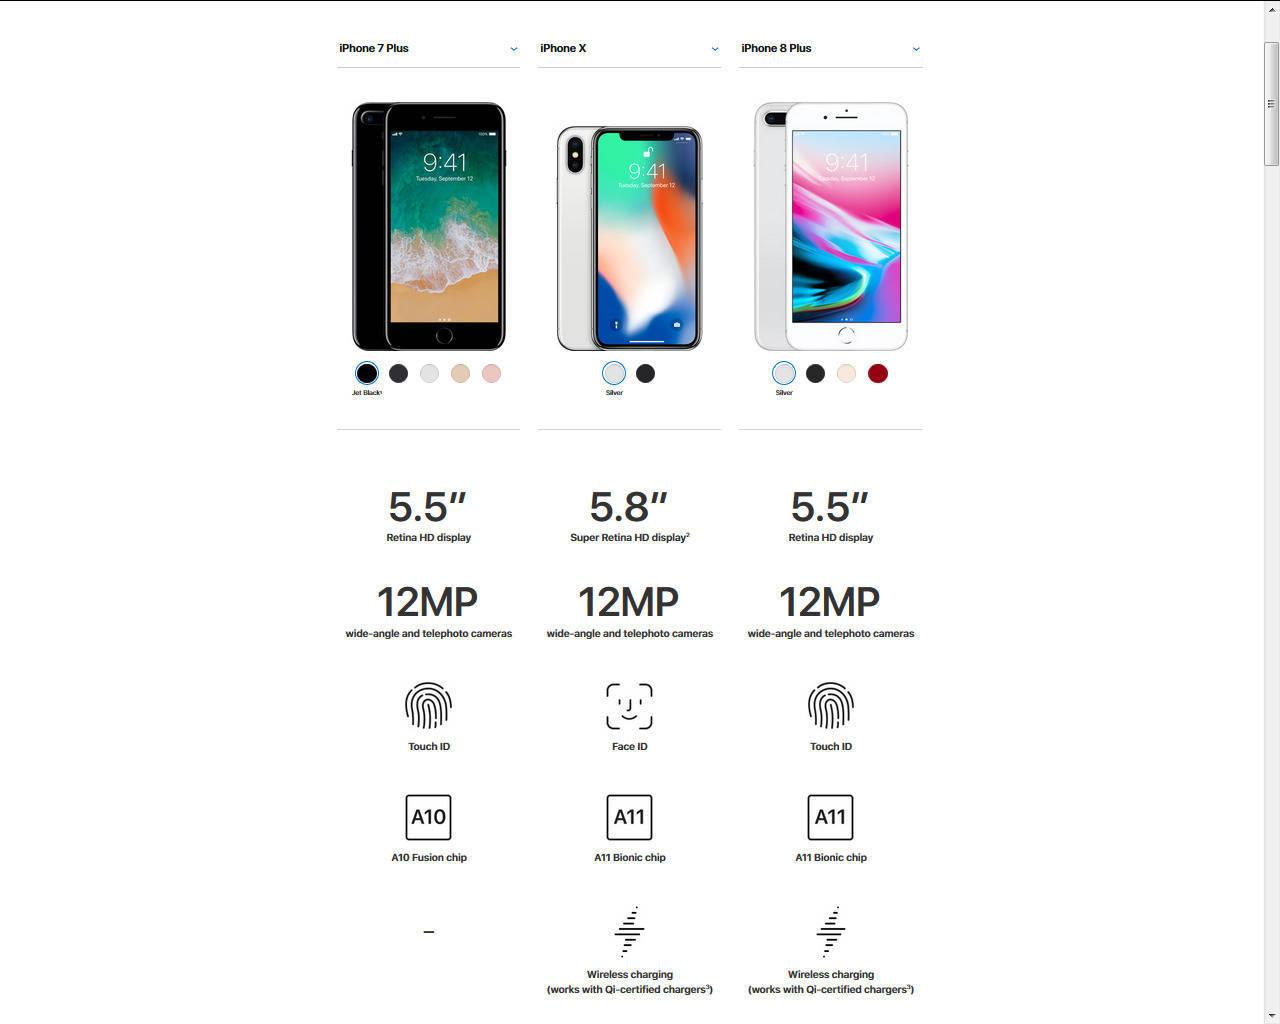 iPhone 7 Plus vs iPhone X vs iPhone 8 Plus